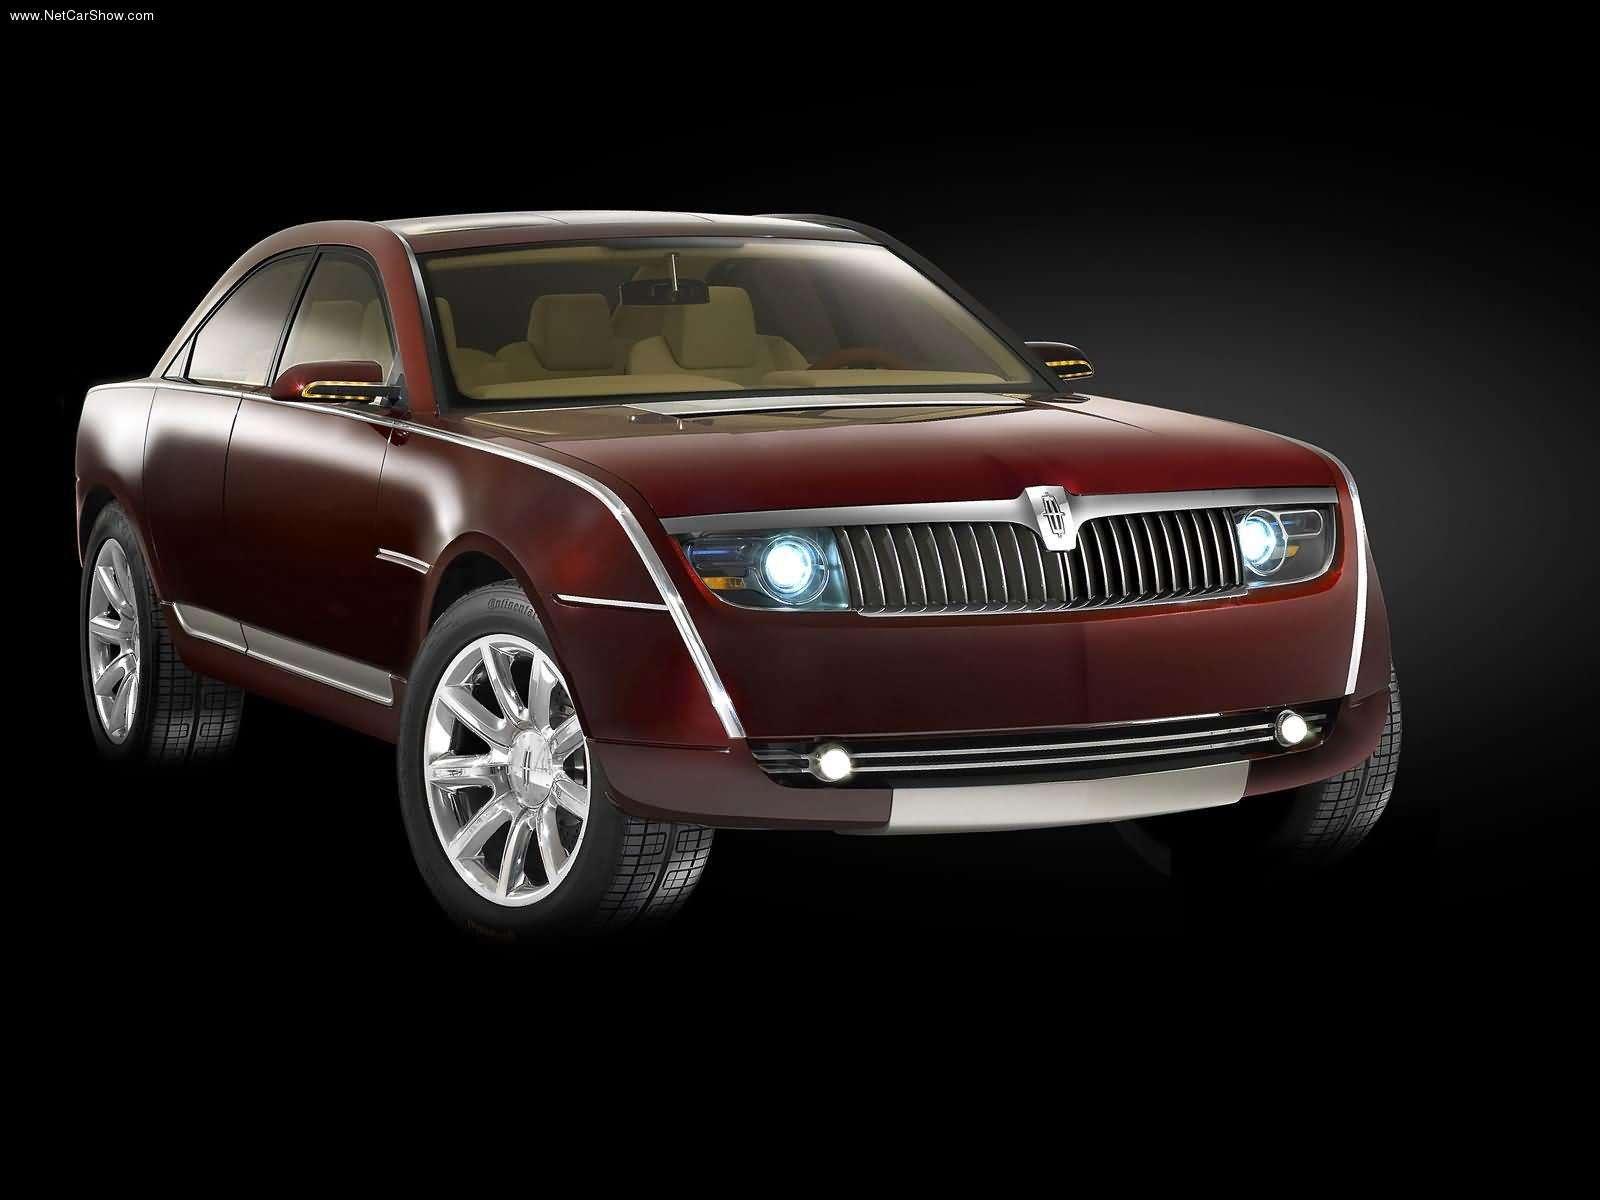 Hình ảnh xe ô tô Lincoln Navicross Concept 2003 & nội ngoại thất